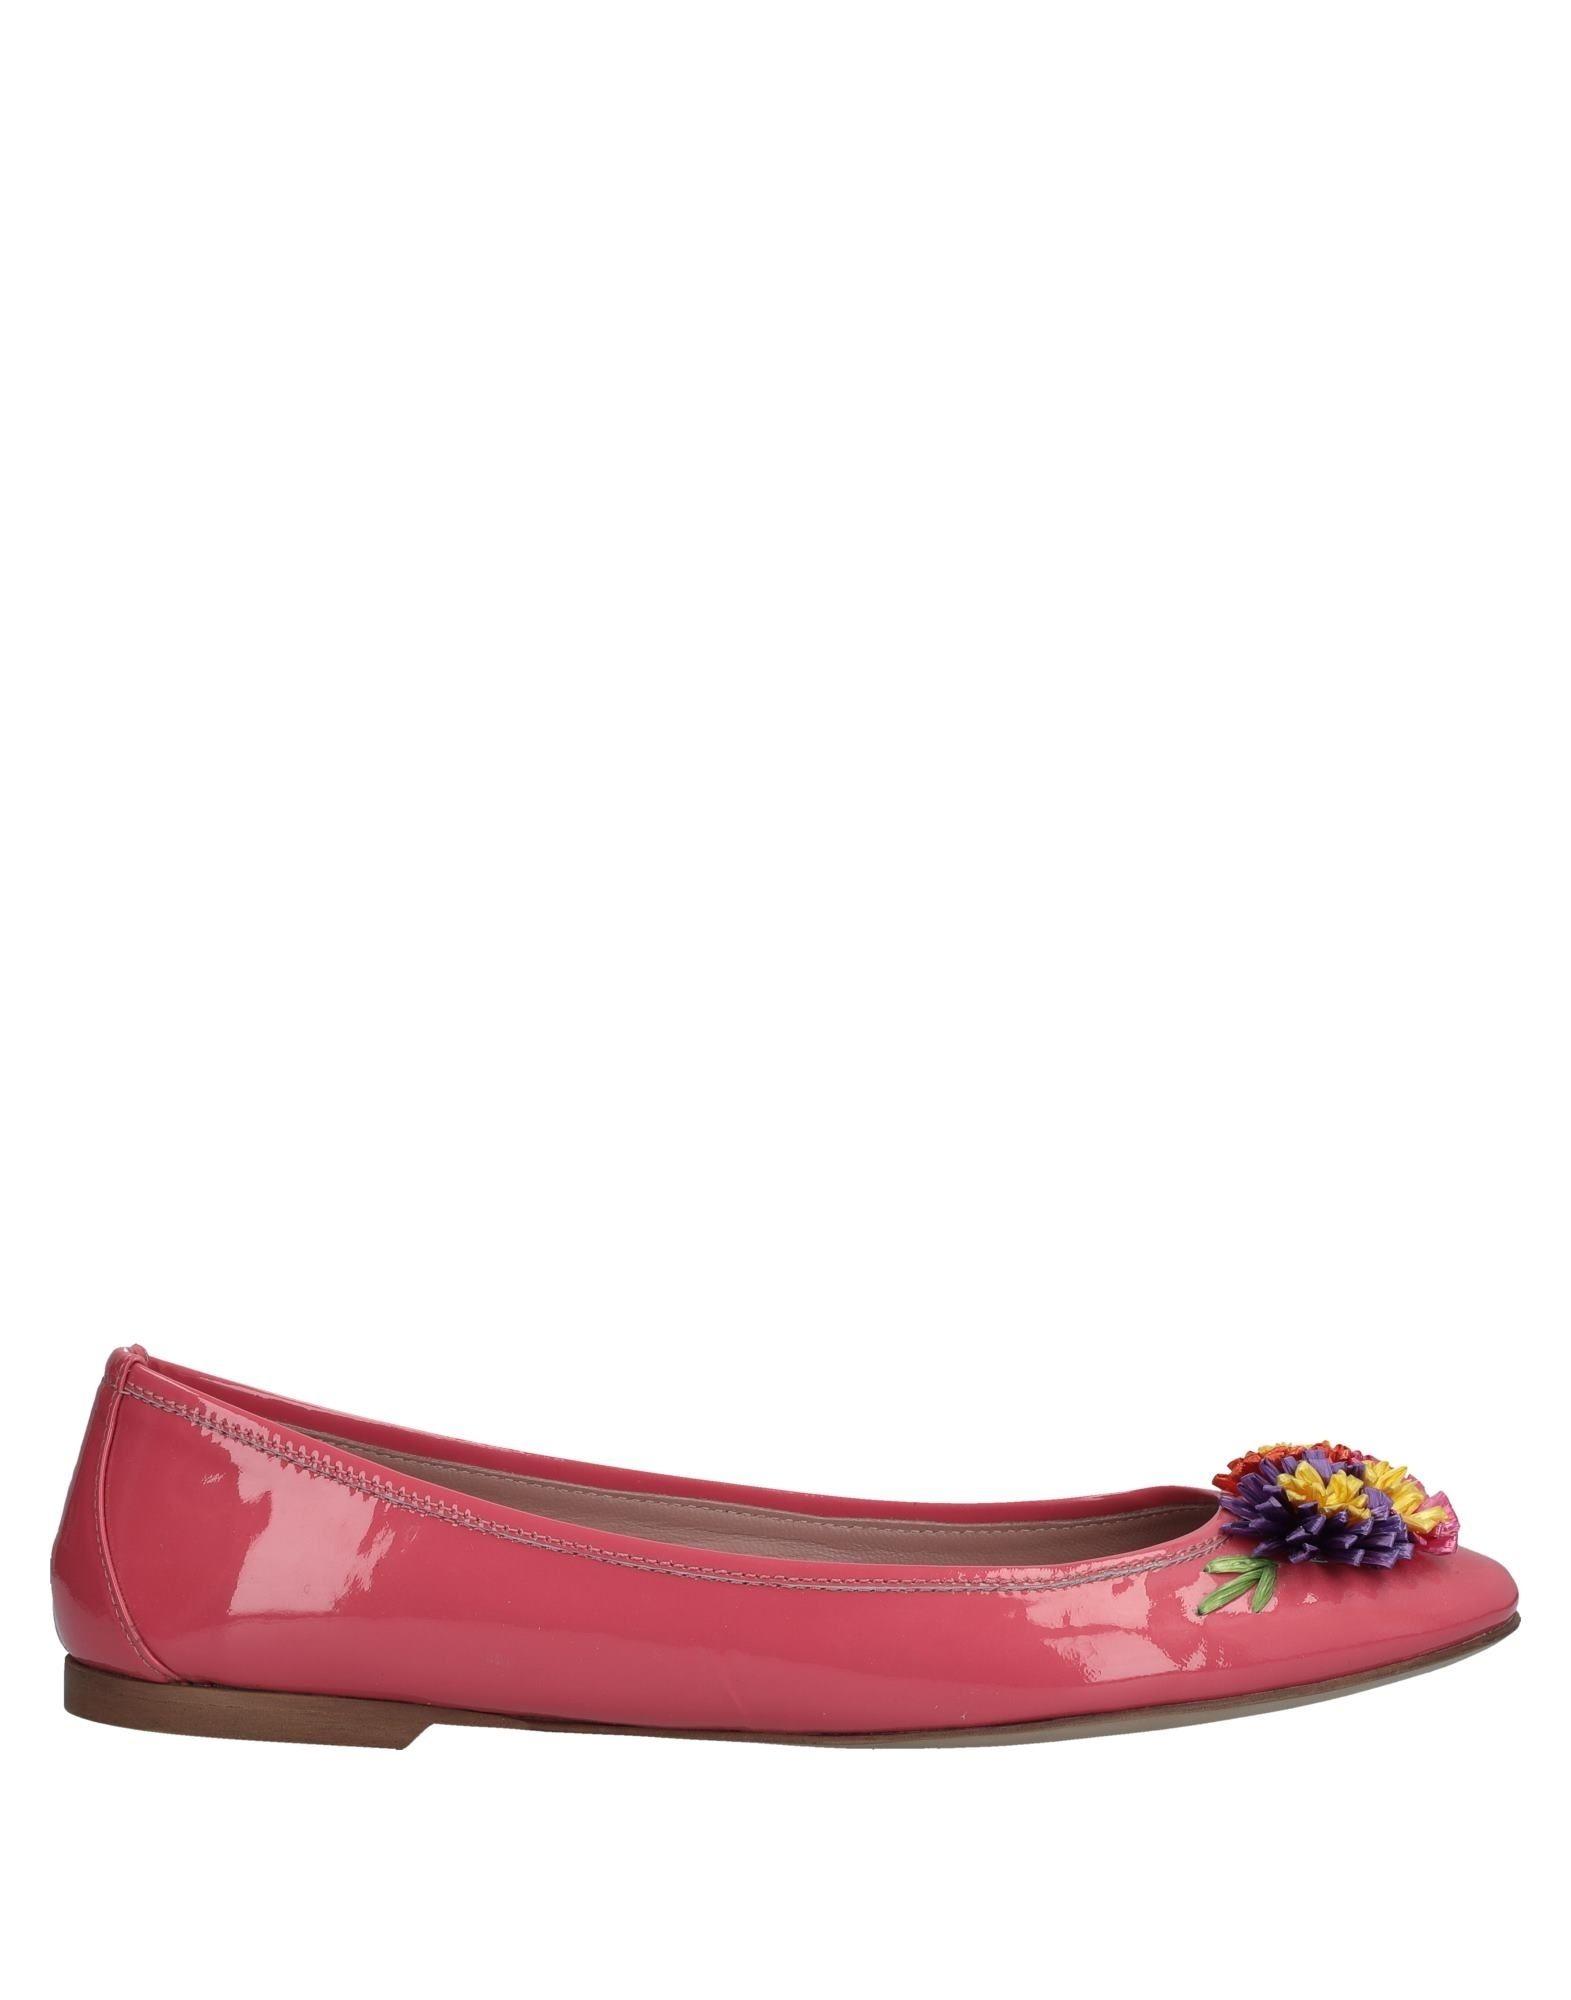 Haltbare Mode billige Schuhe Red Ballerinas Damen  11535851XF Heiße Schuhe